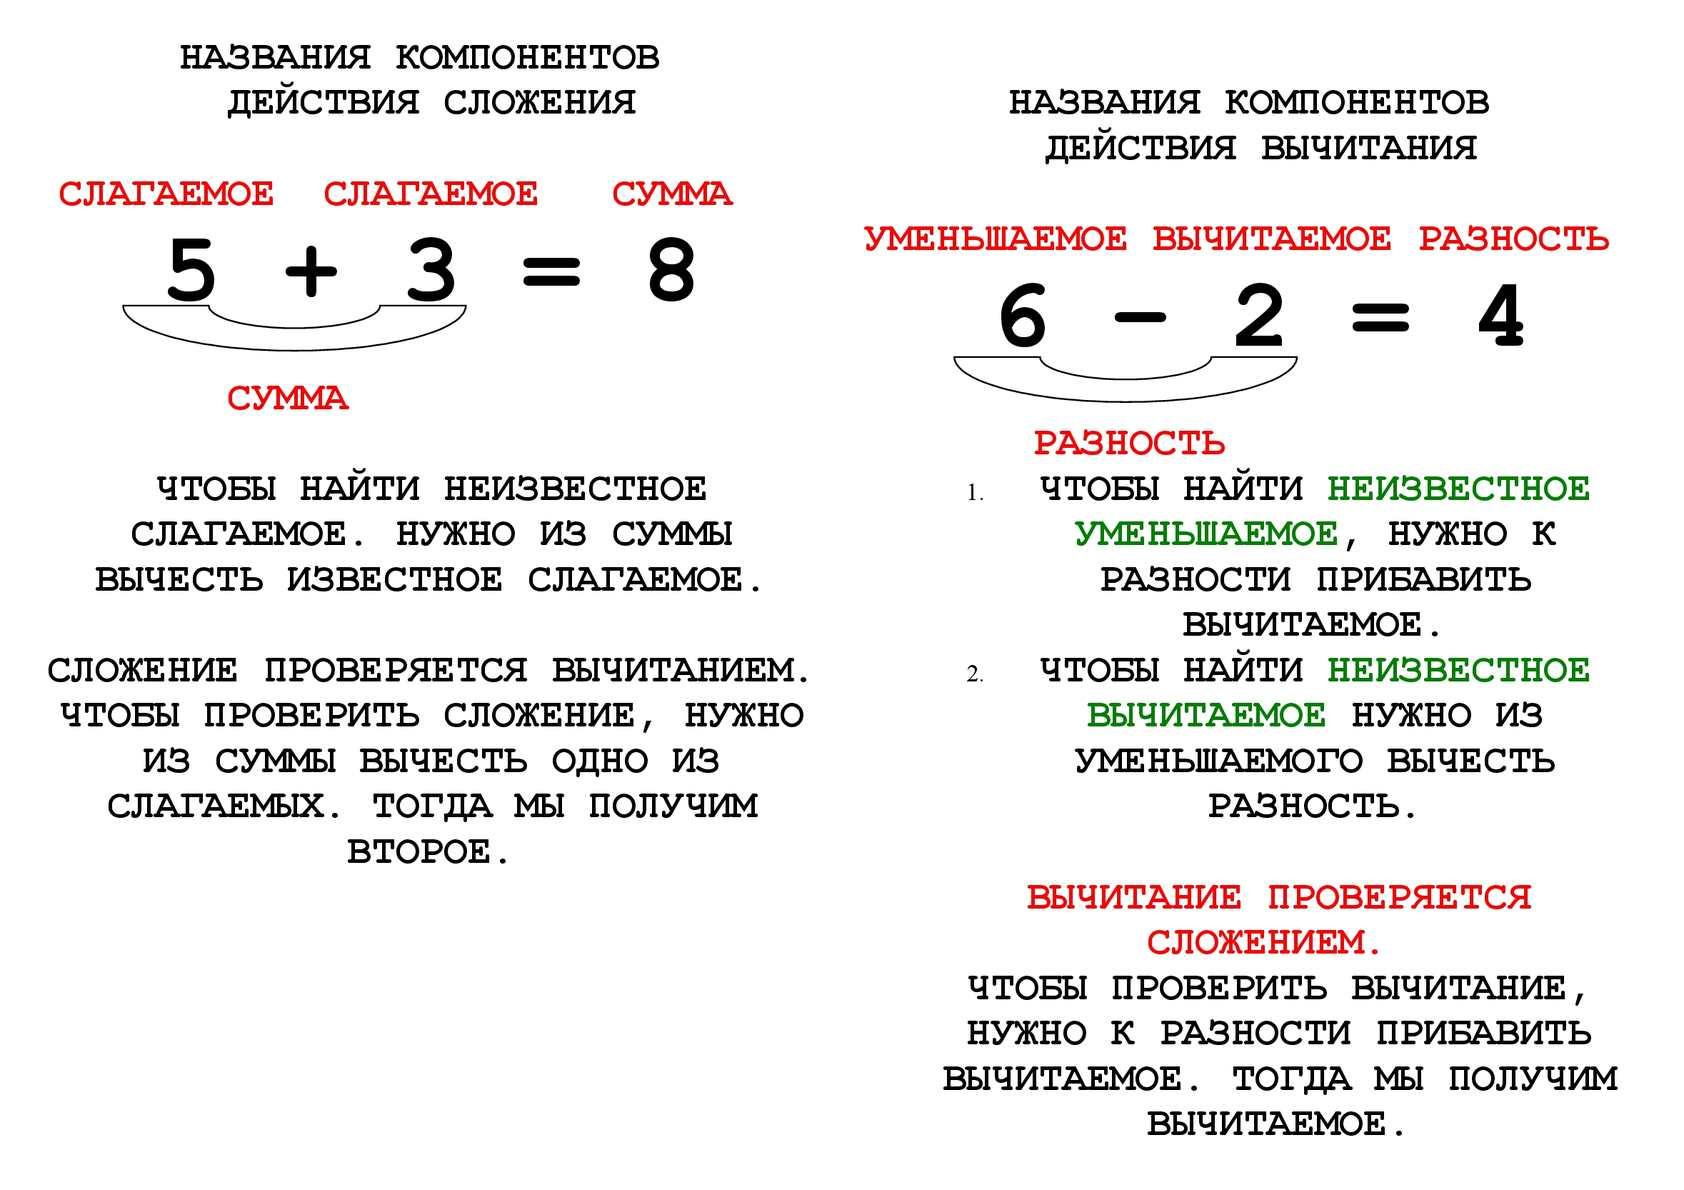 Уменьшаемое шпаргалки по разность правило математике вычитаемое